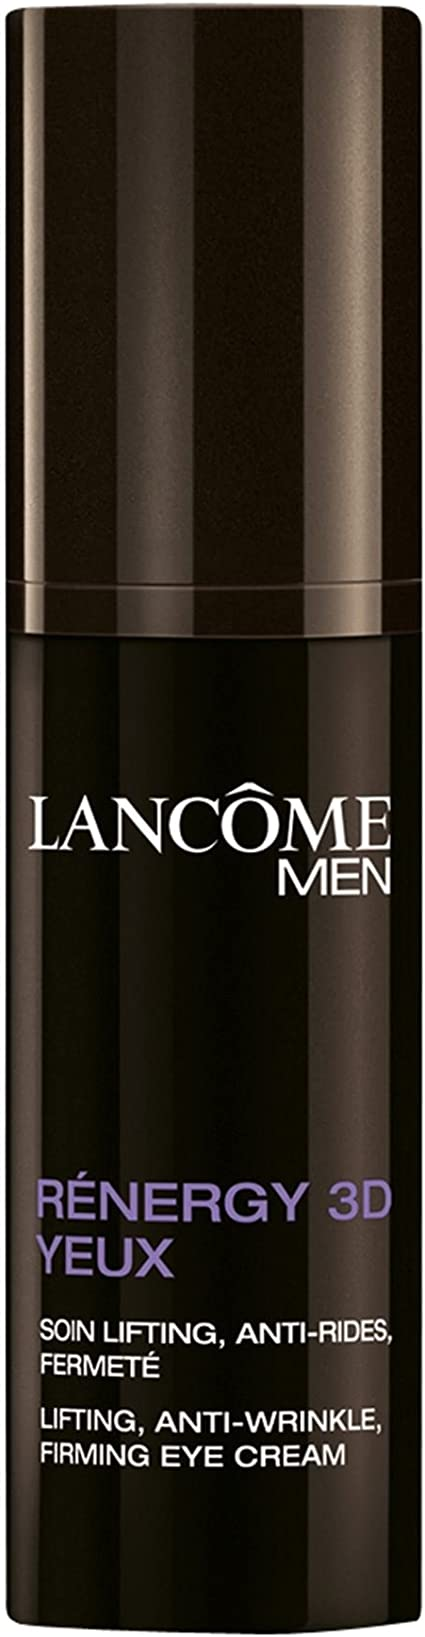 Lancôme Hombres RENERGY 3d Yeux 15 ml – pack de 6: Amazon.es: Belleza